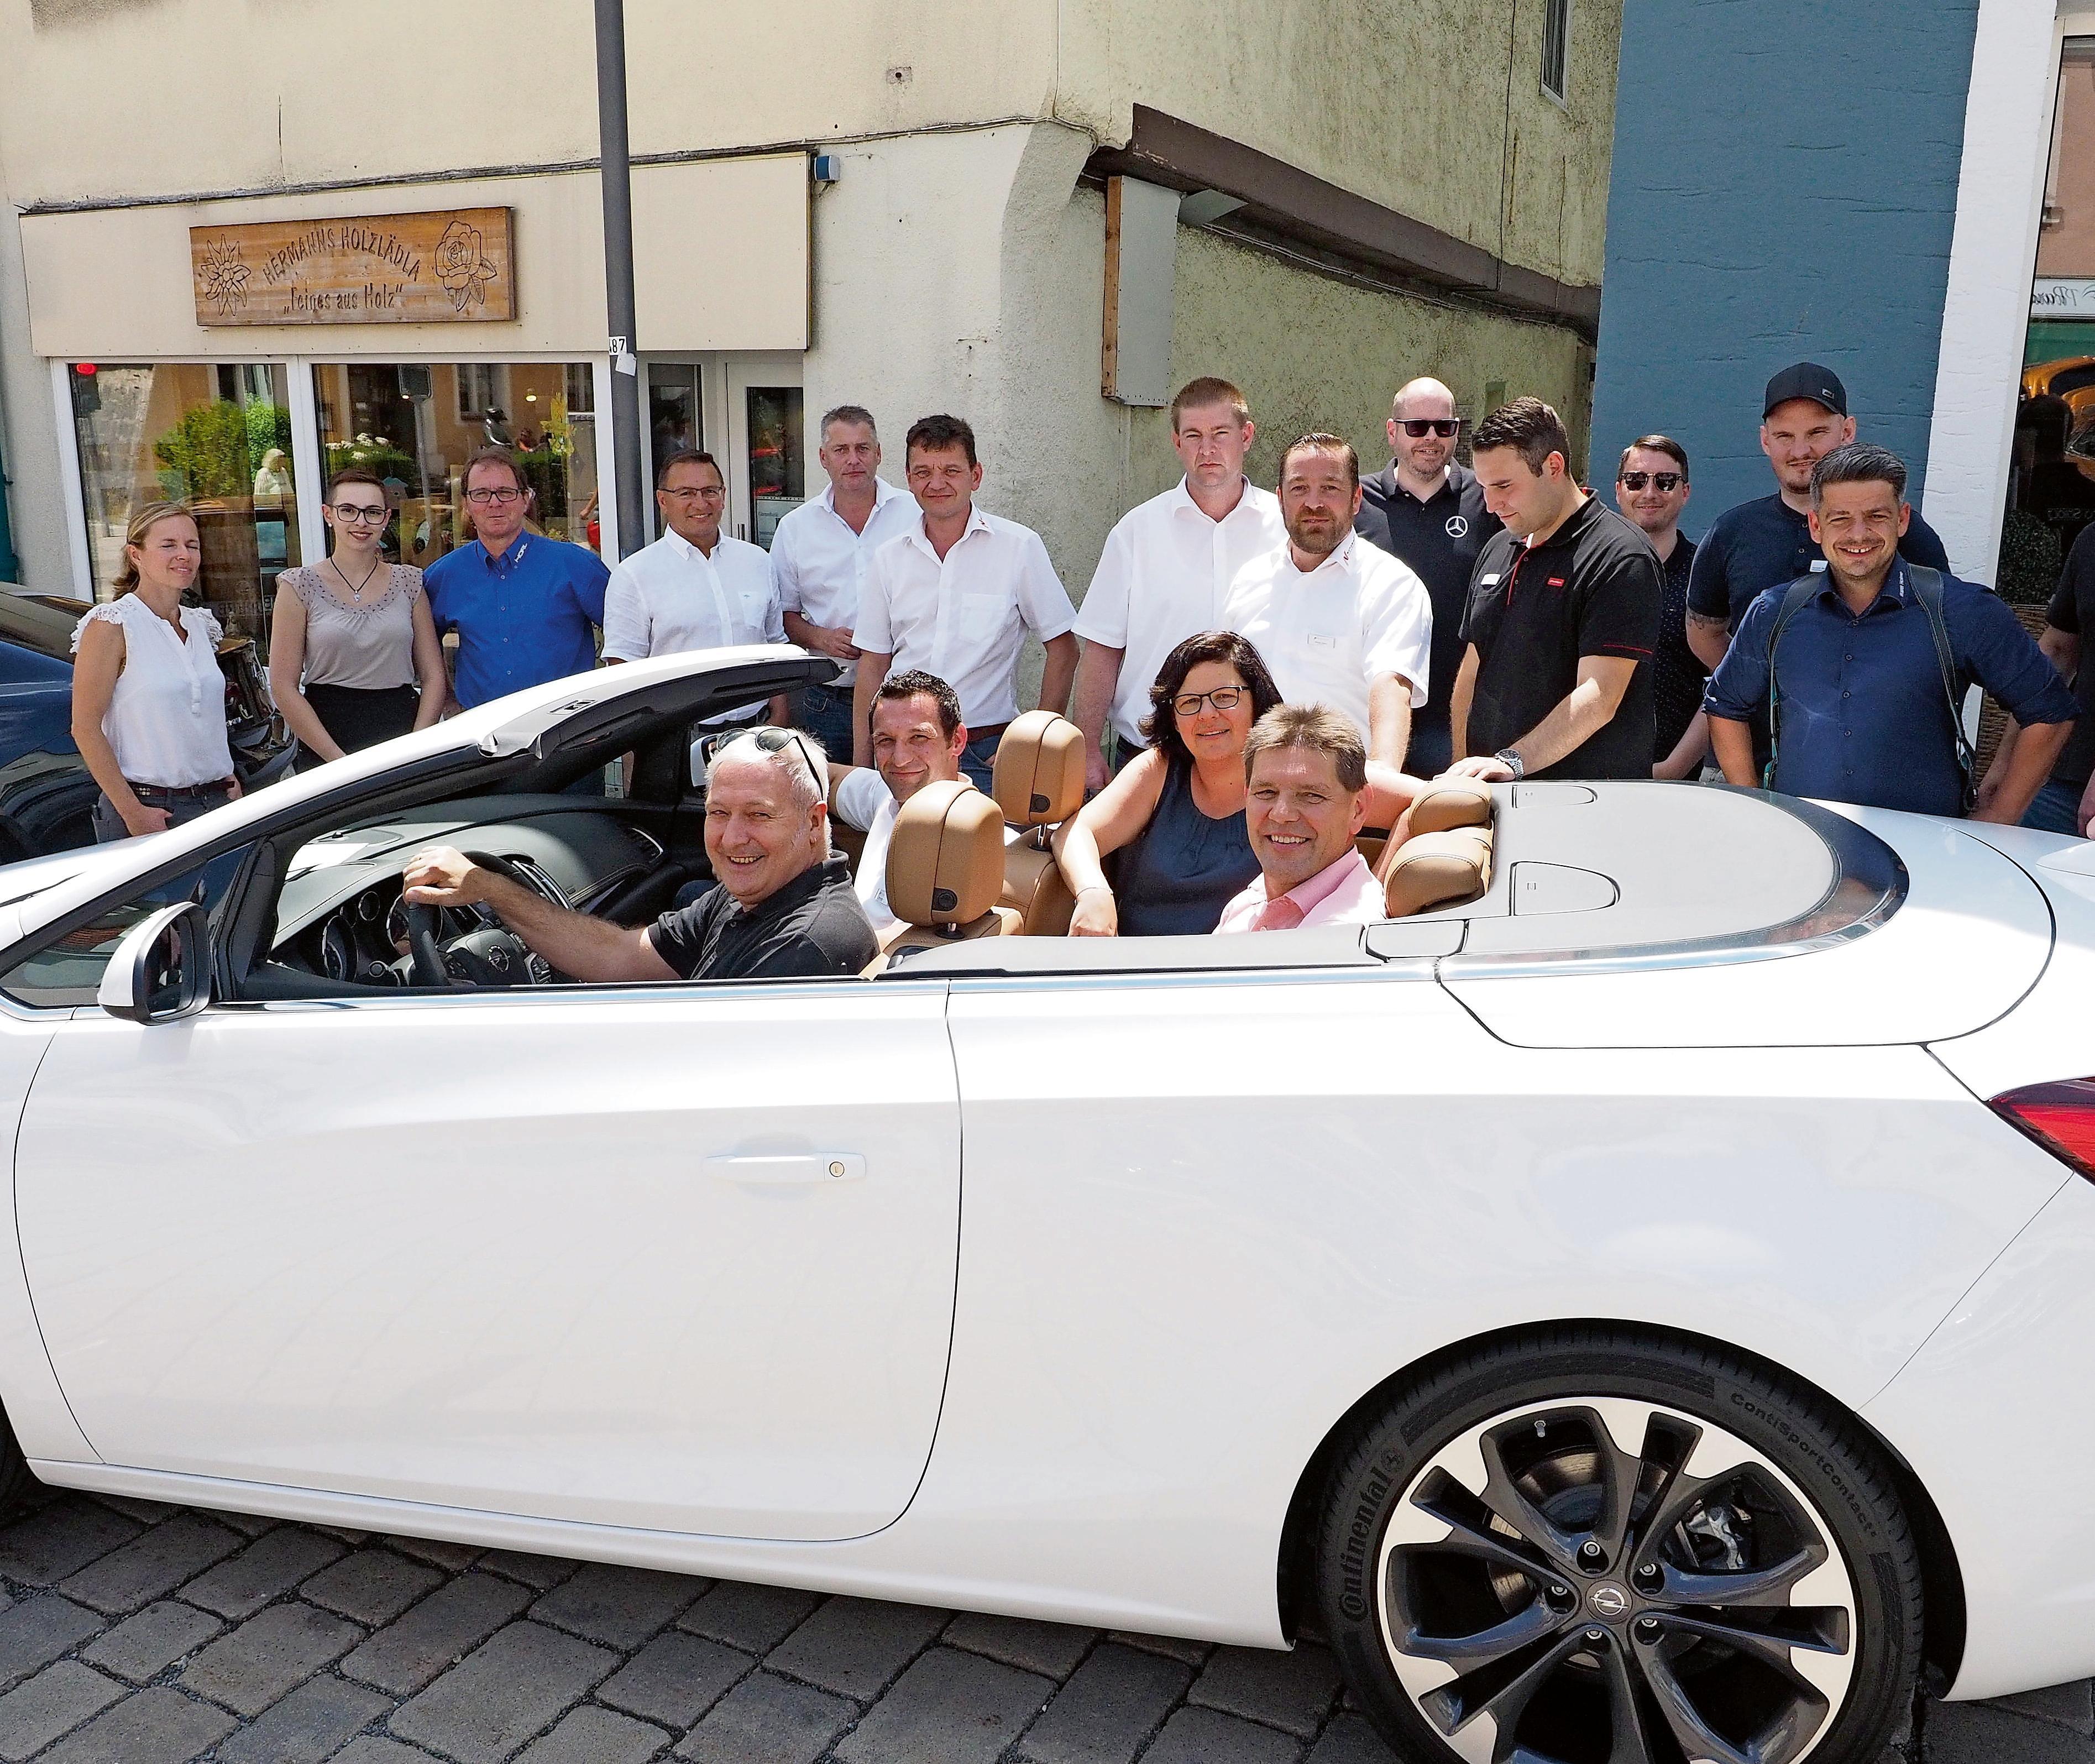 Die Pegnitzer Autohäuser und ihre Mitarbeiter freuen sich – genauso wie Bürgermeister Uwe Raab (am Steuer) – auf die Besucher des City-Autosalons in Pegnitz. Foto: Klaus Tren